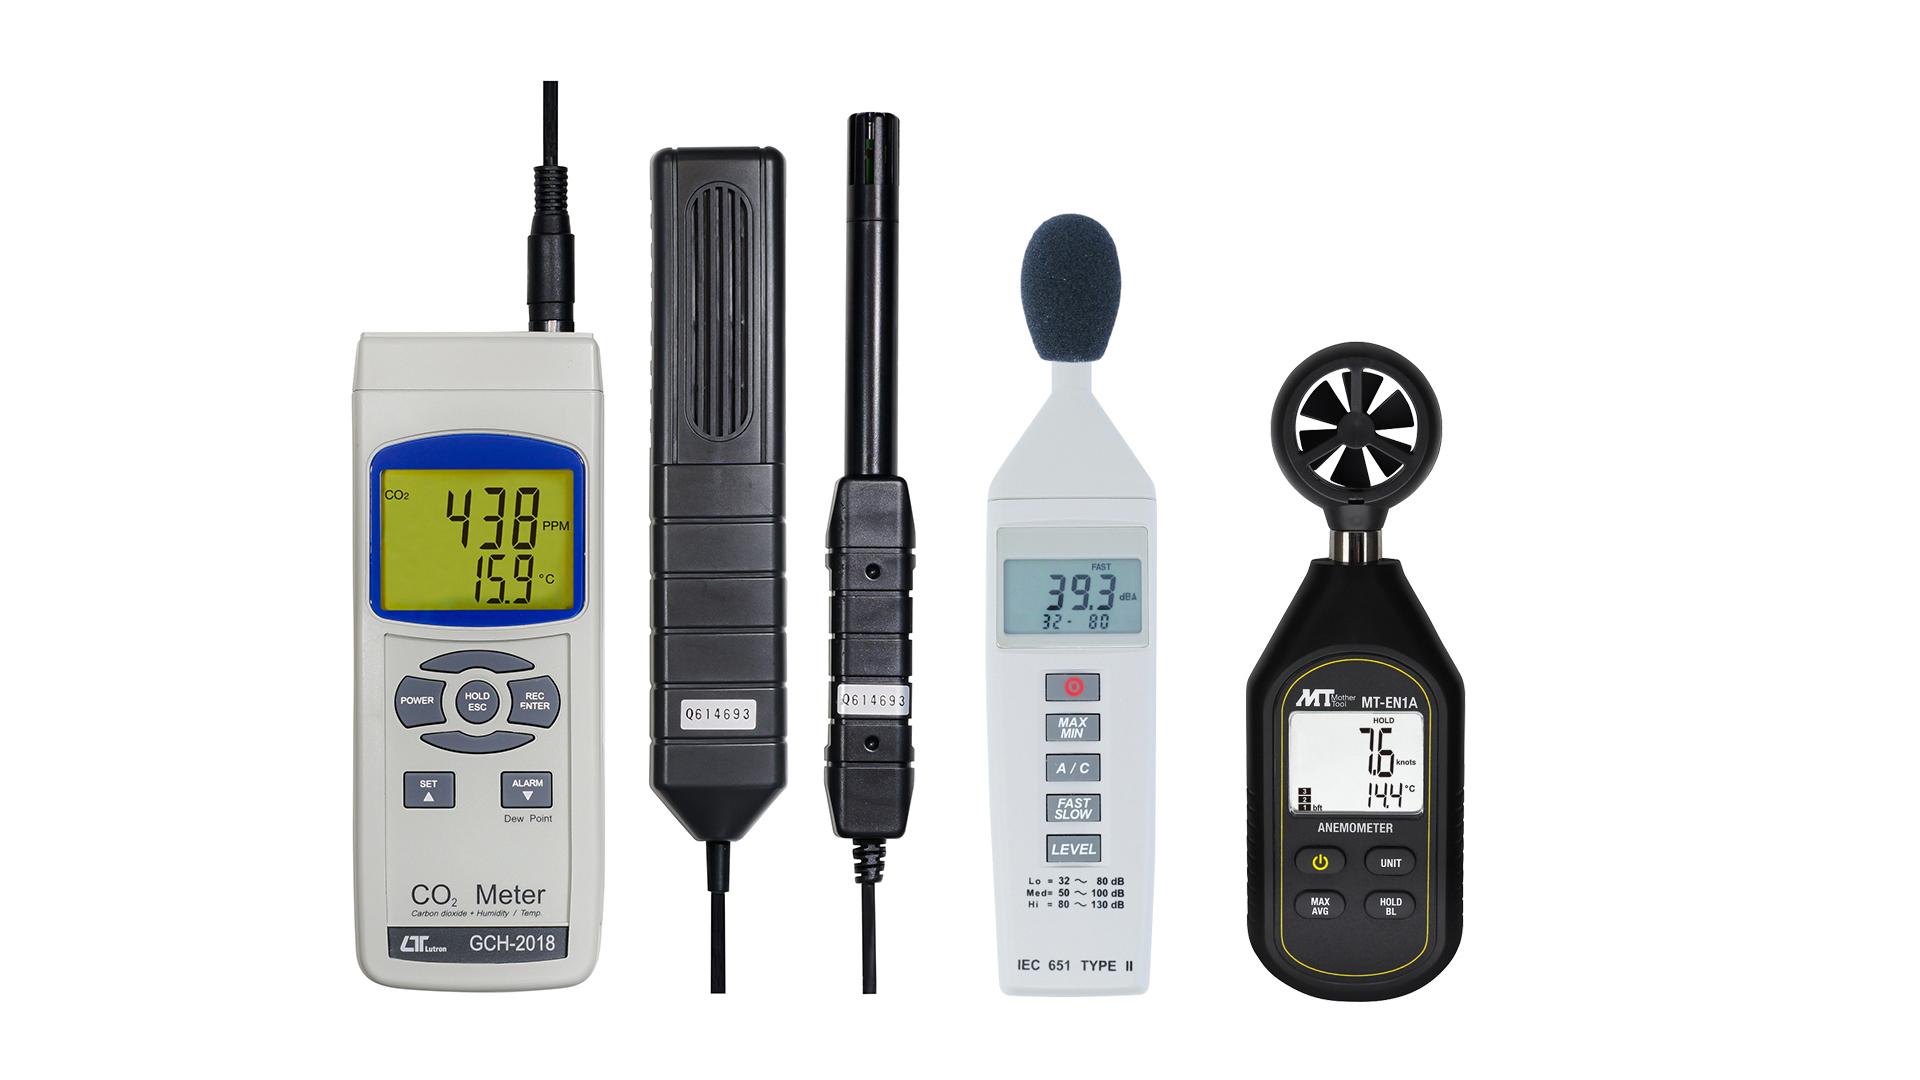 環境測定機器